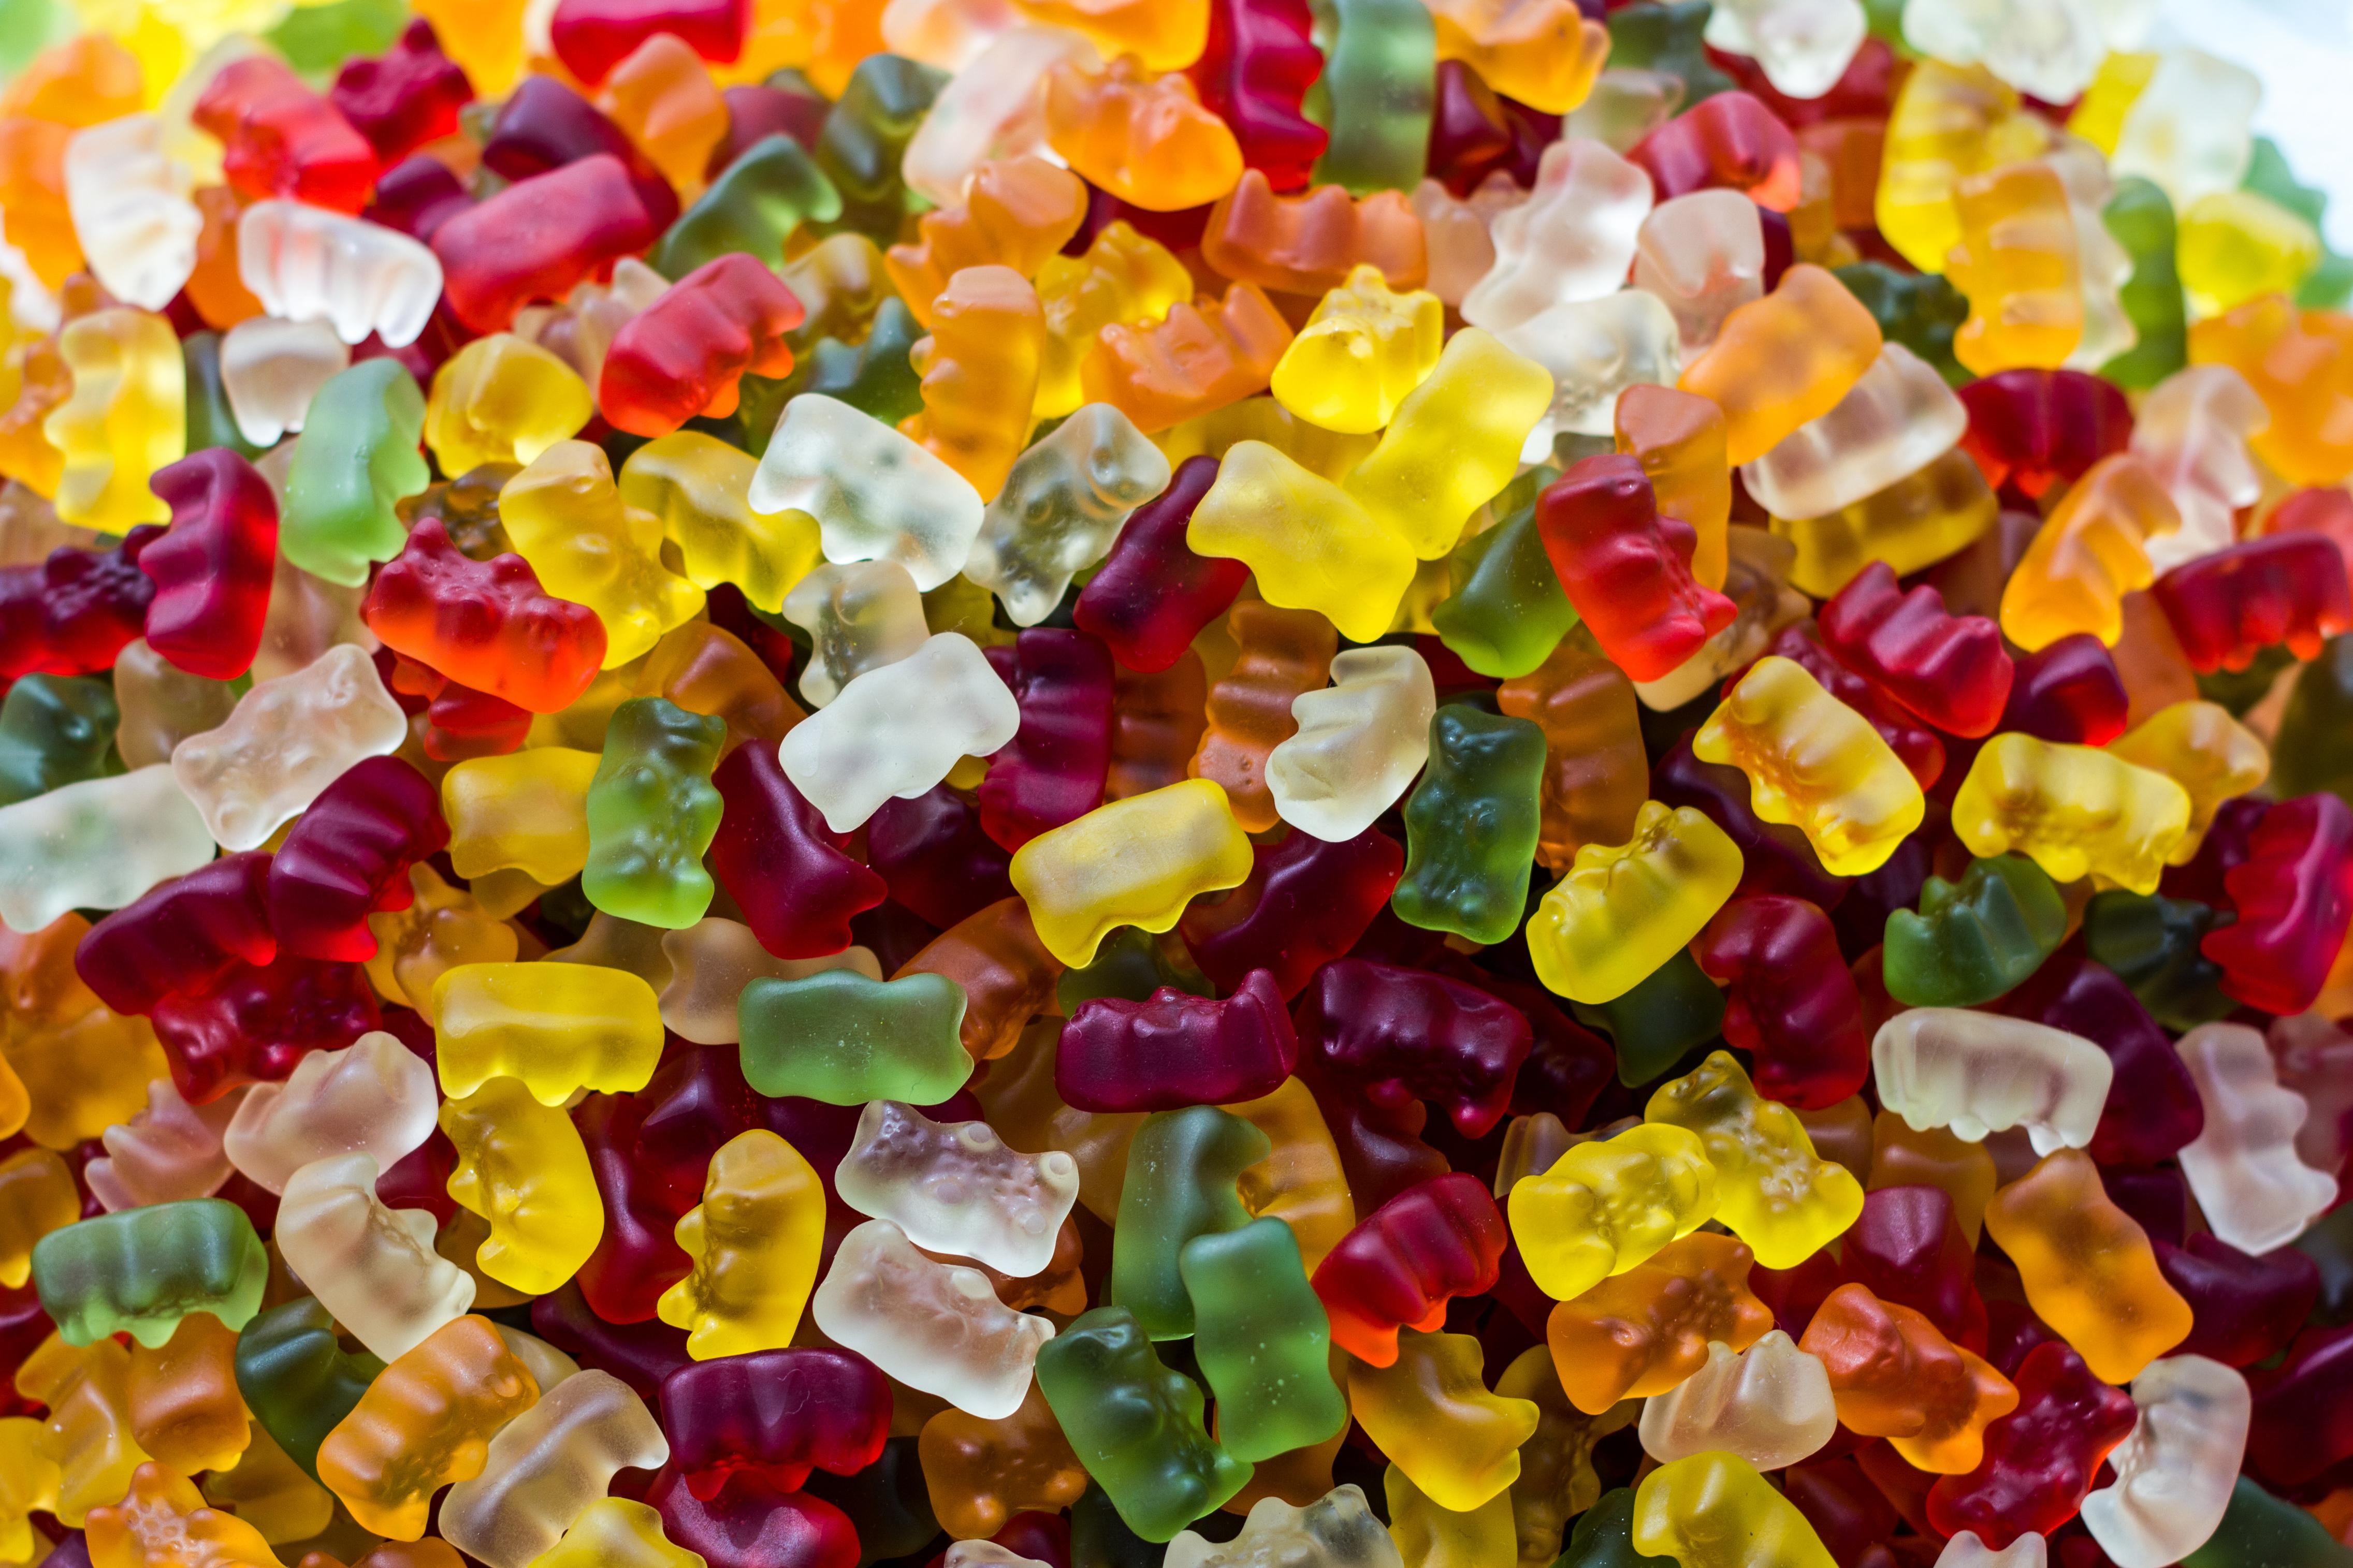 еда конфеты food candy скачать